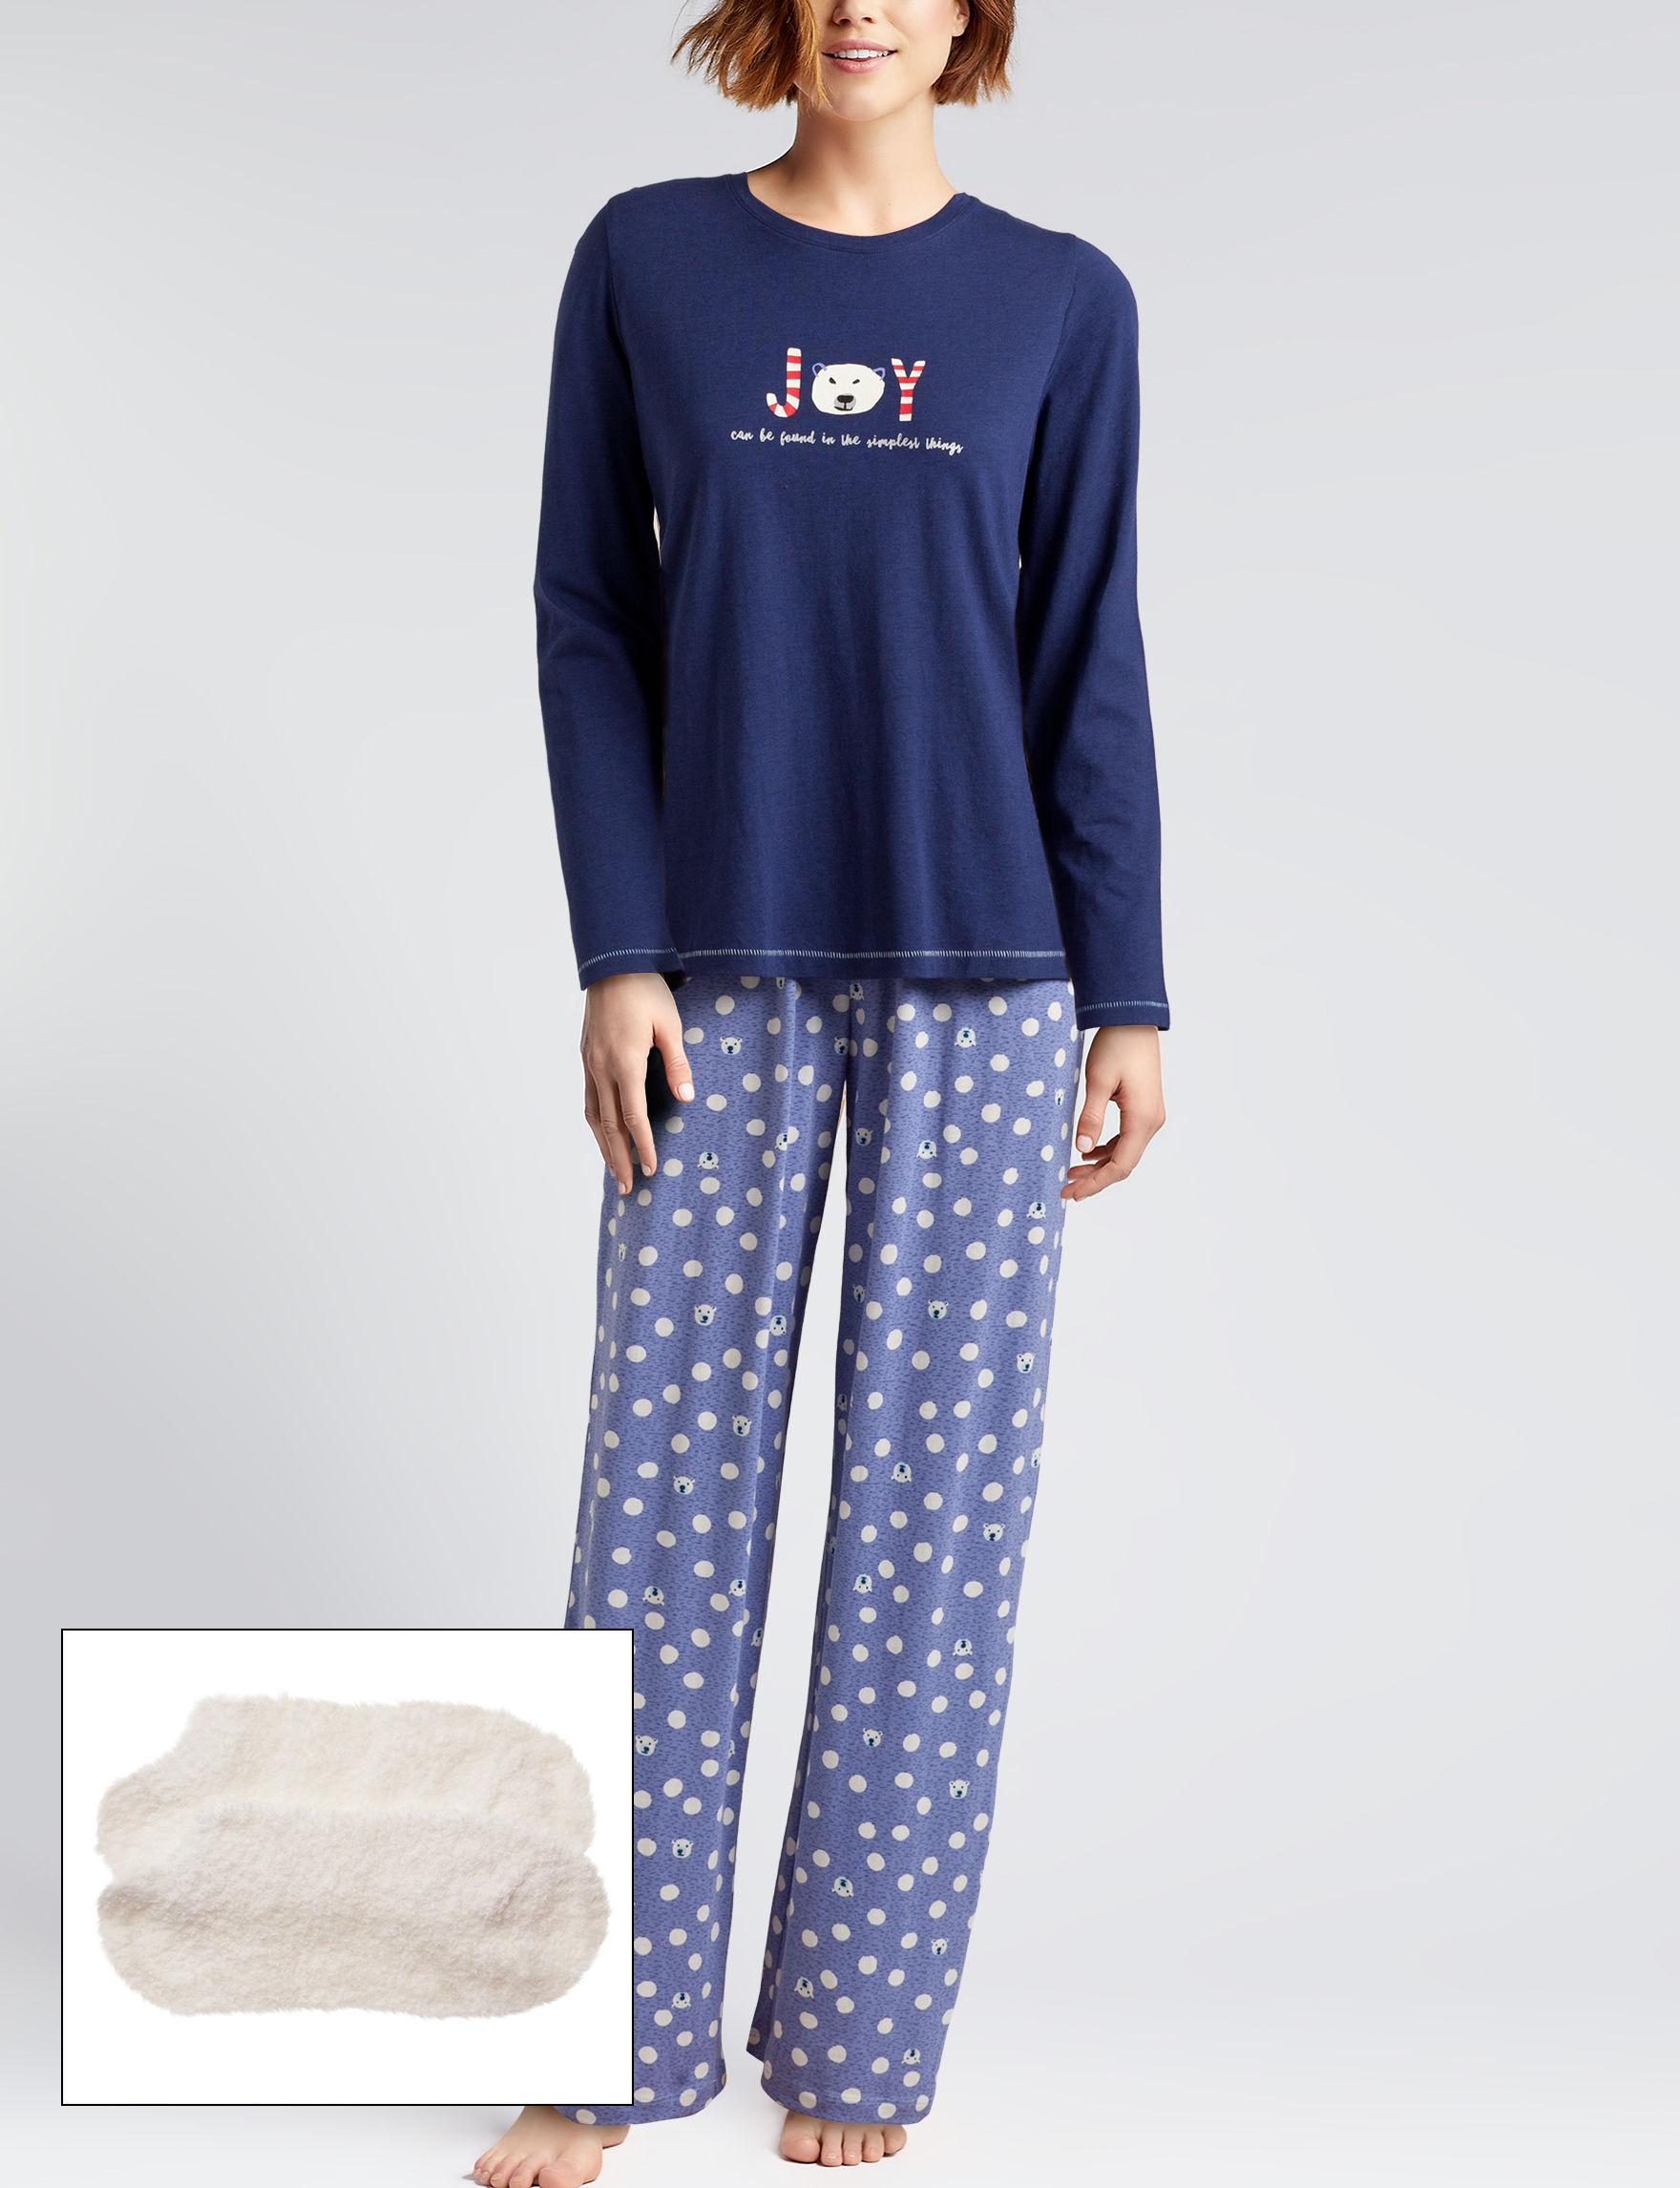 Hue Navy Pajama Sets